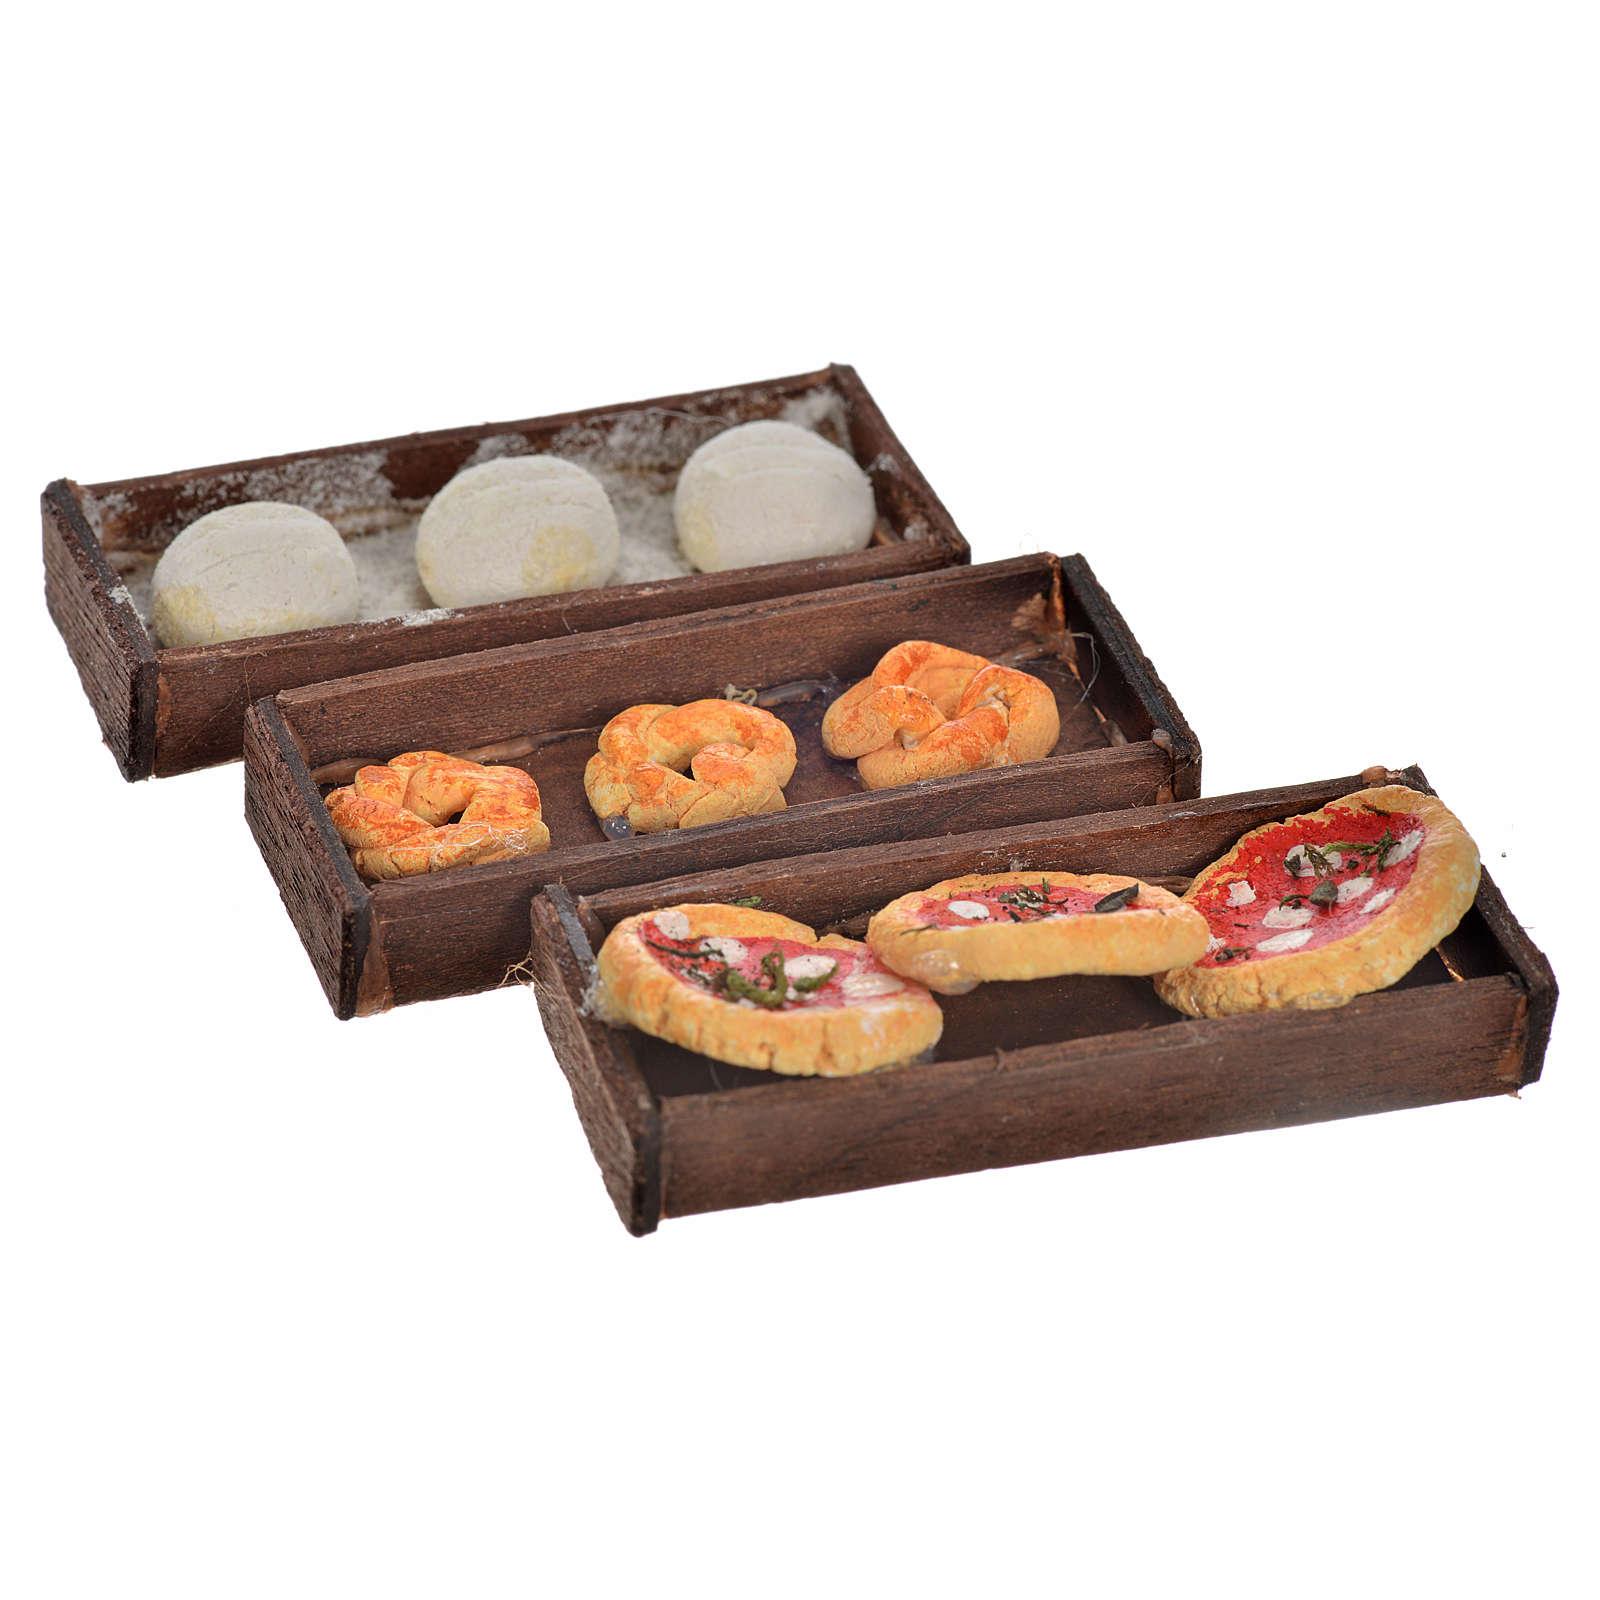 Neapolitan Nativity scene accessory, bread, pizza boxes 3 pieces 4